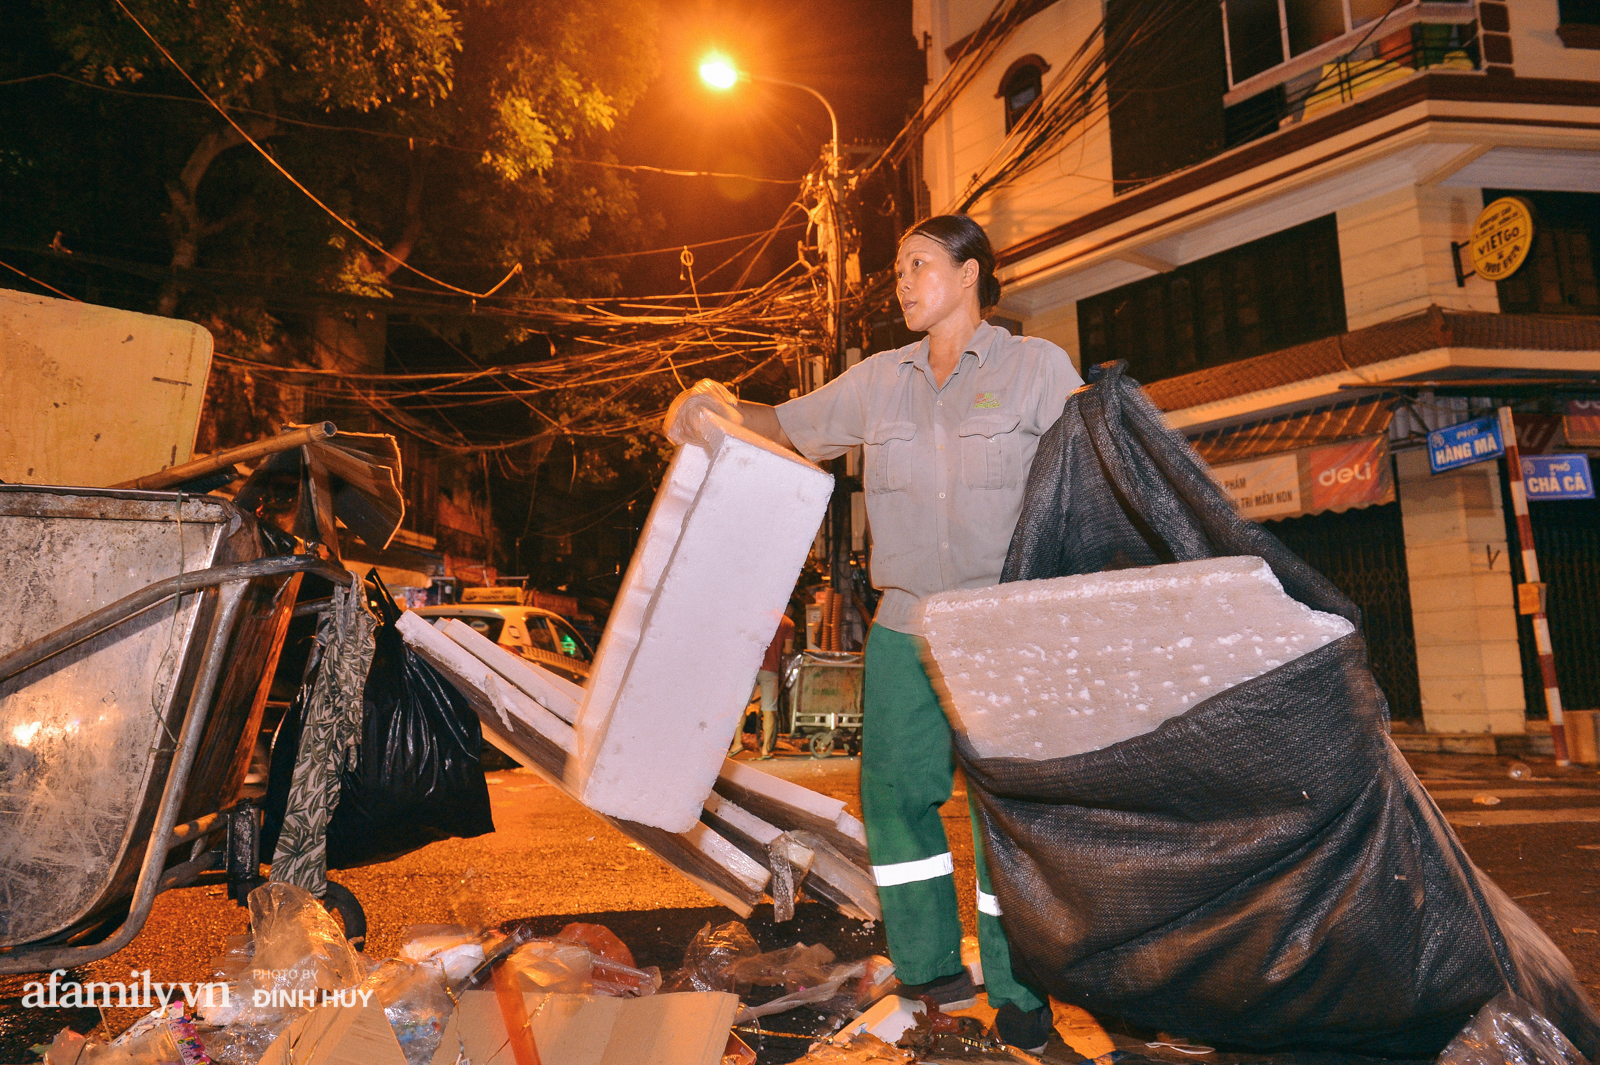 Đêm Trung thu chìm trong rác thải của cô công nhân vệ sinh trên phố cổ - Ảnh 4.